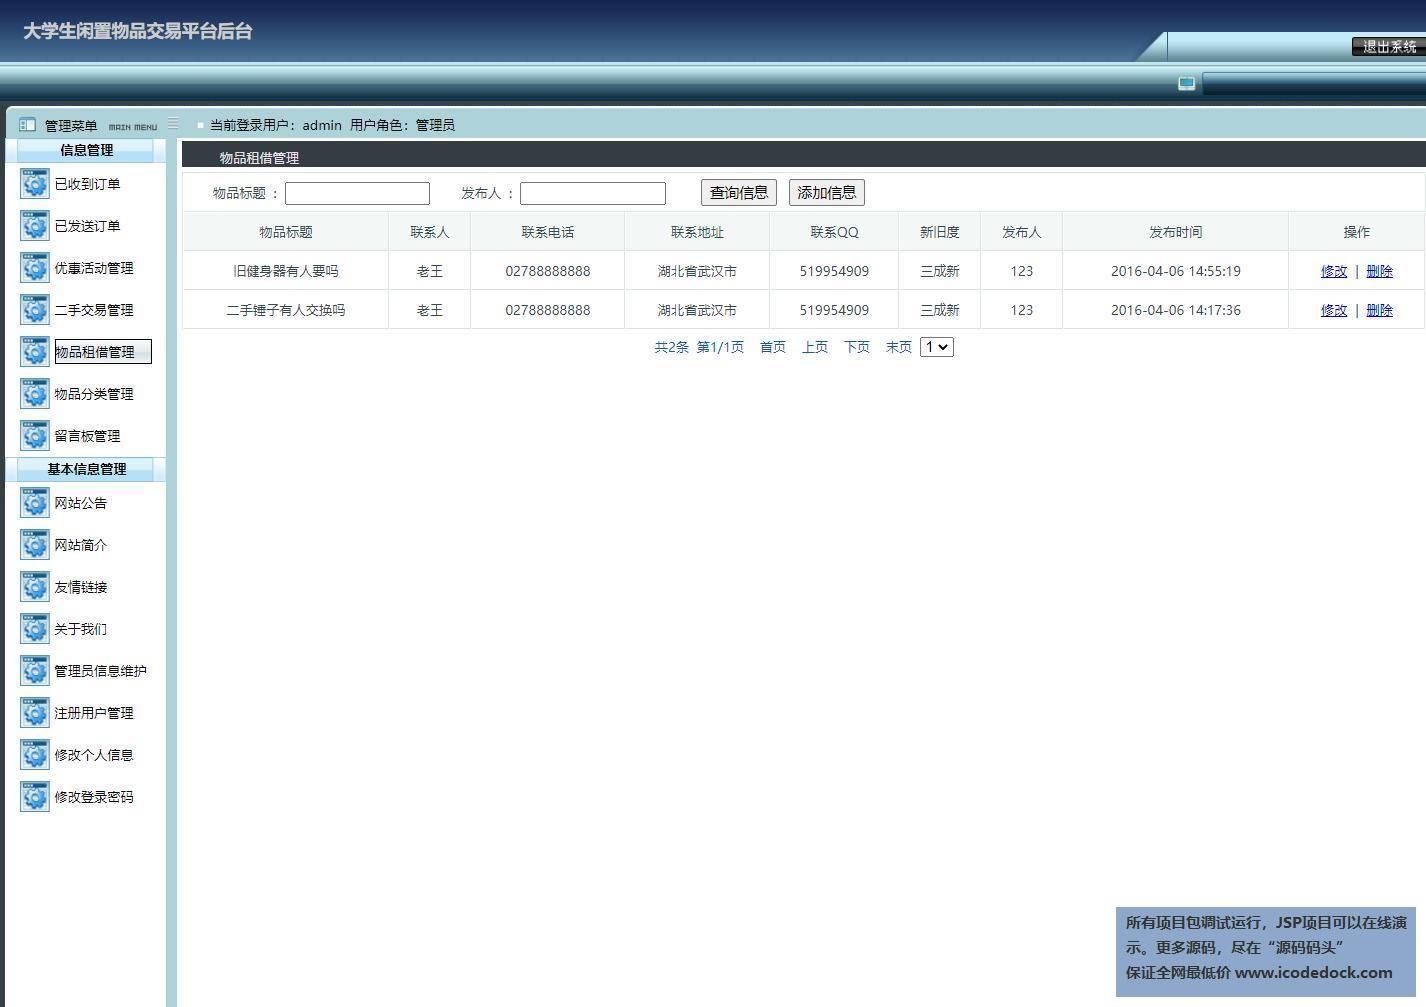 源码码头-JSP校园二手物品交易信息平台-管理员角色-物品租借管理